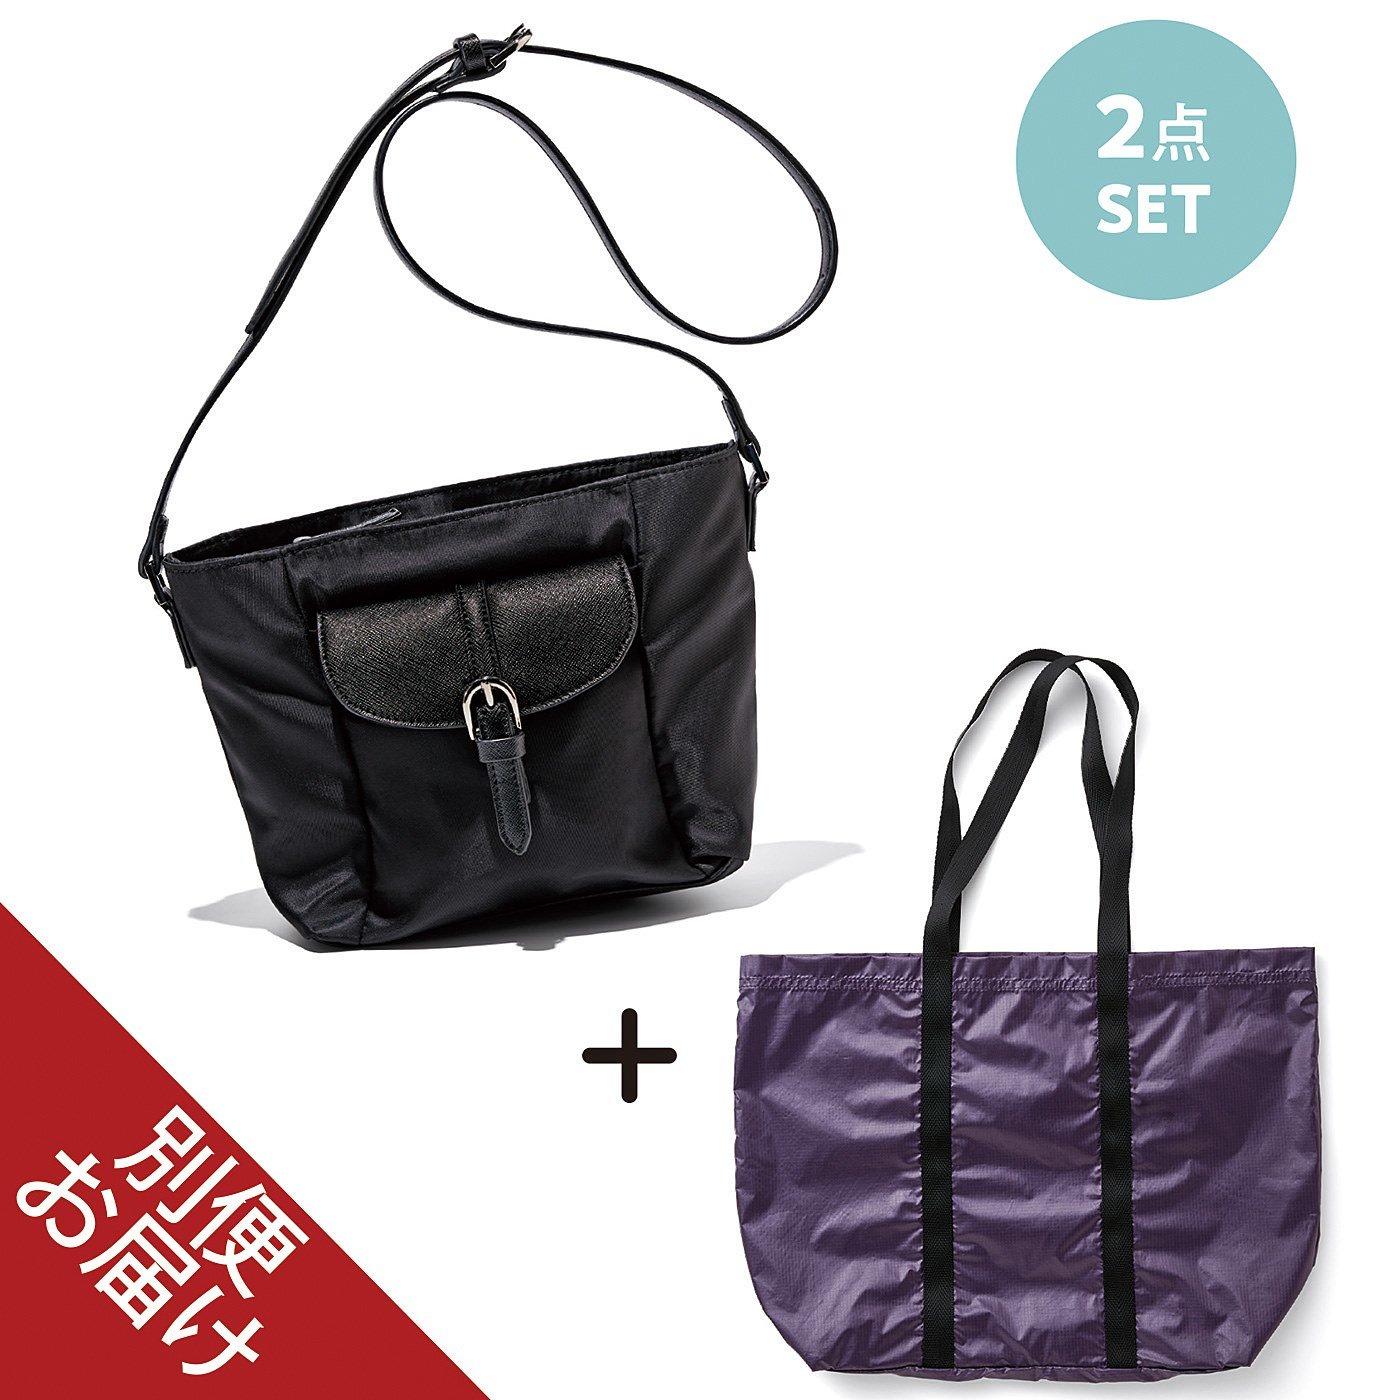 牧野紗弥さん×IEDIT[イディット] 大容量の軽やかサブバッグ付きで 荷物が増えても安心 きれいめポシェット〈ブラック〉